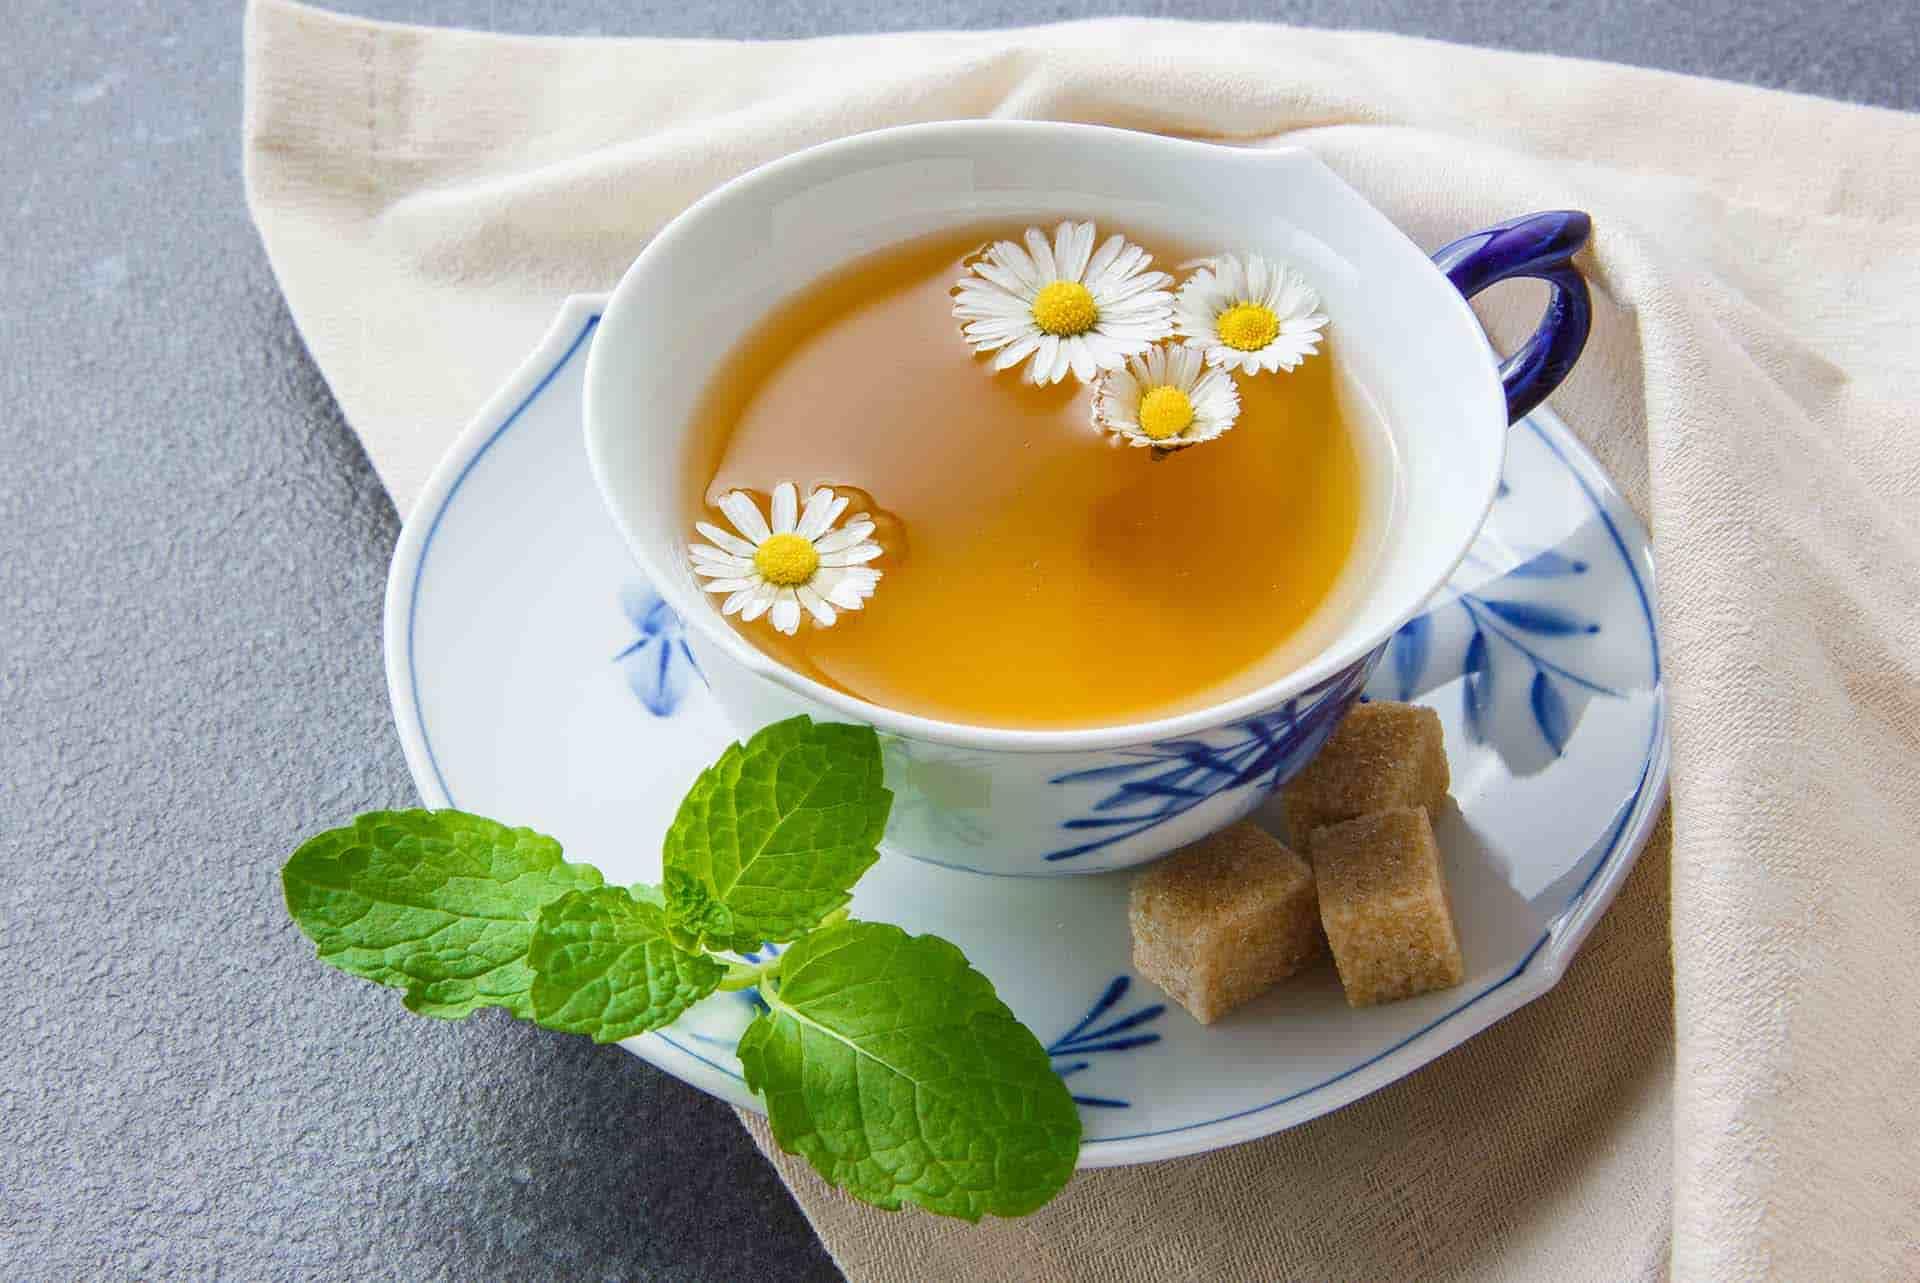 Papatya Çayının Bu Faydalarını Biliyor Musunuz?